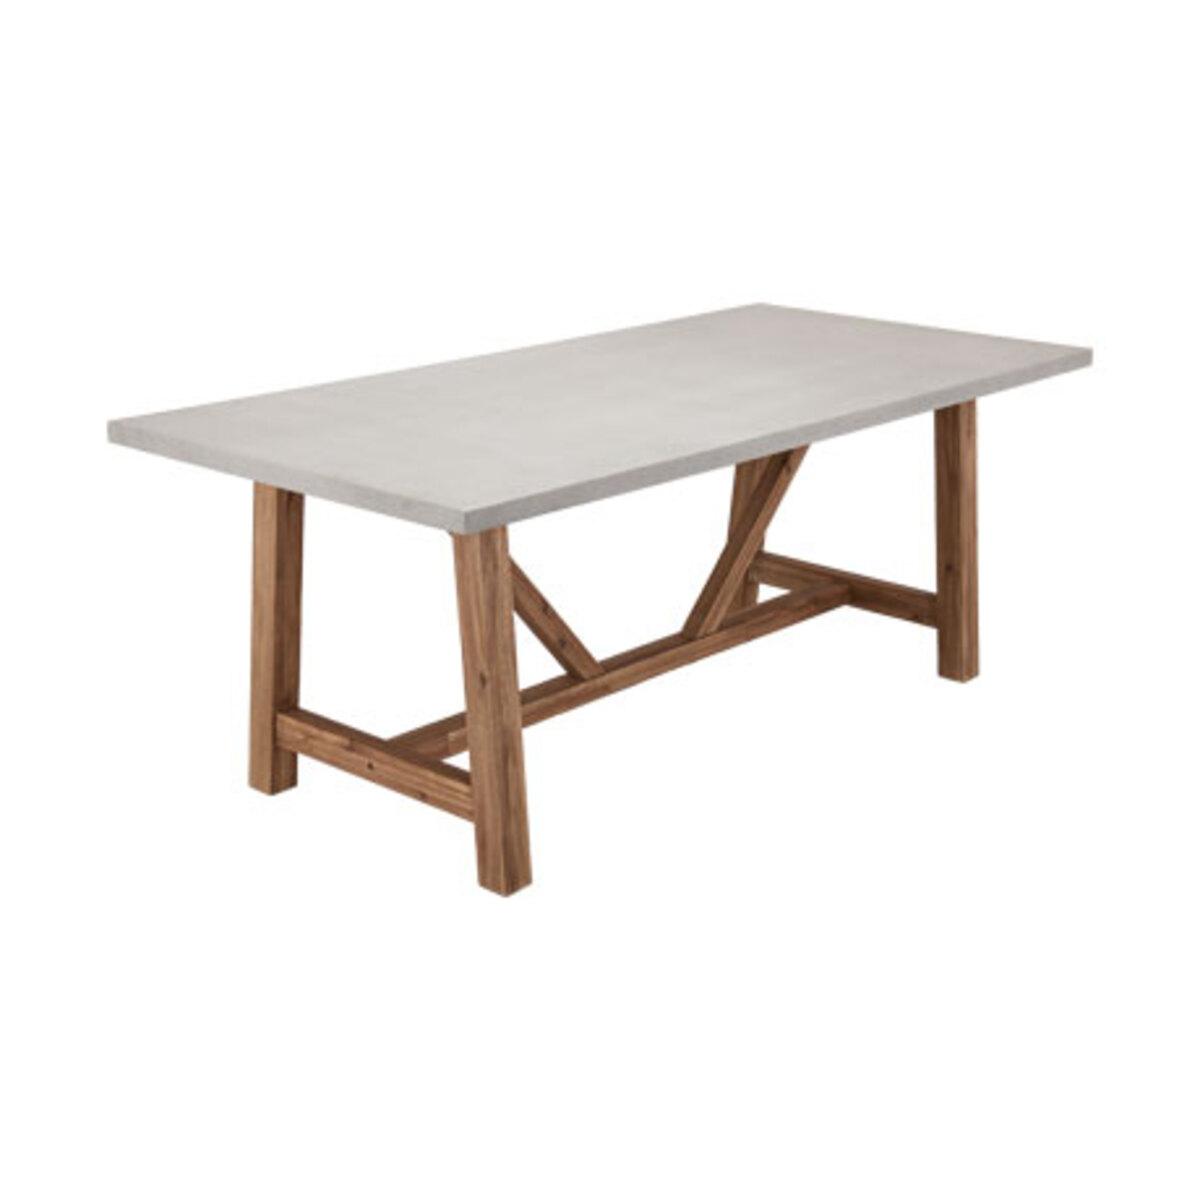 Bild 2 von Gartentisch in Betonoptik